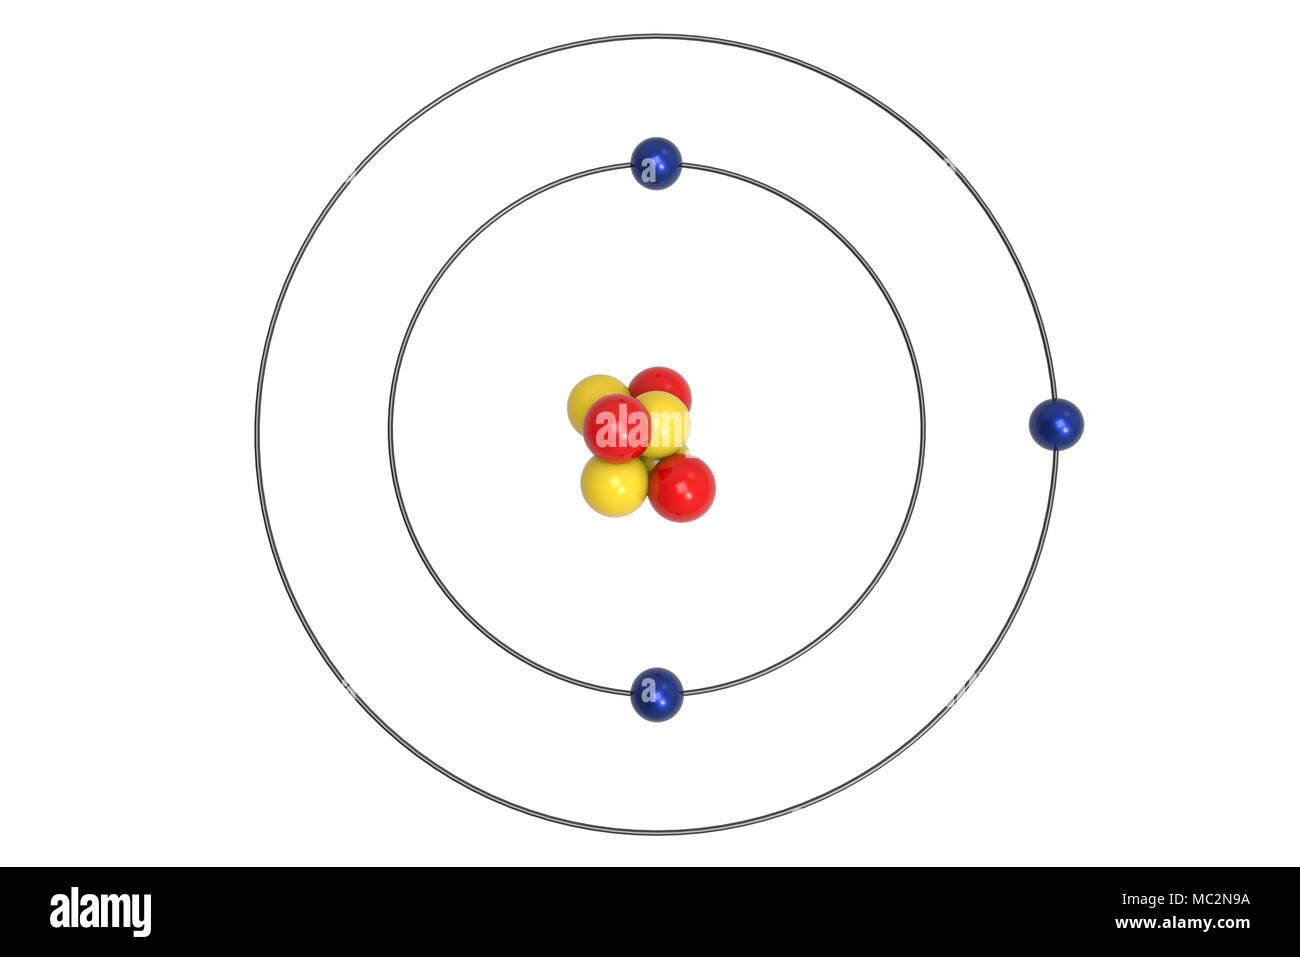 lithium atom bohr model with proton neutron and electron